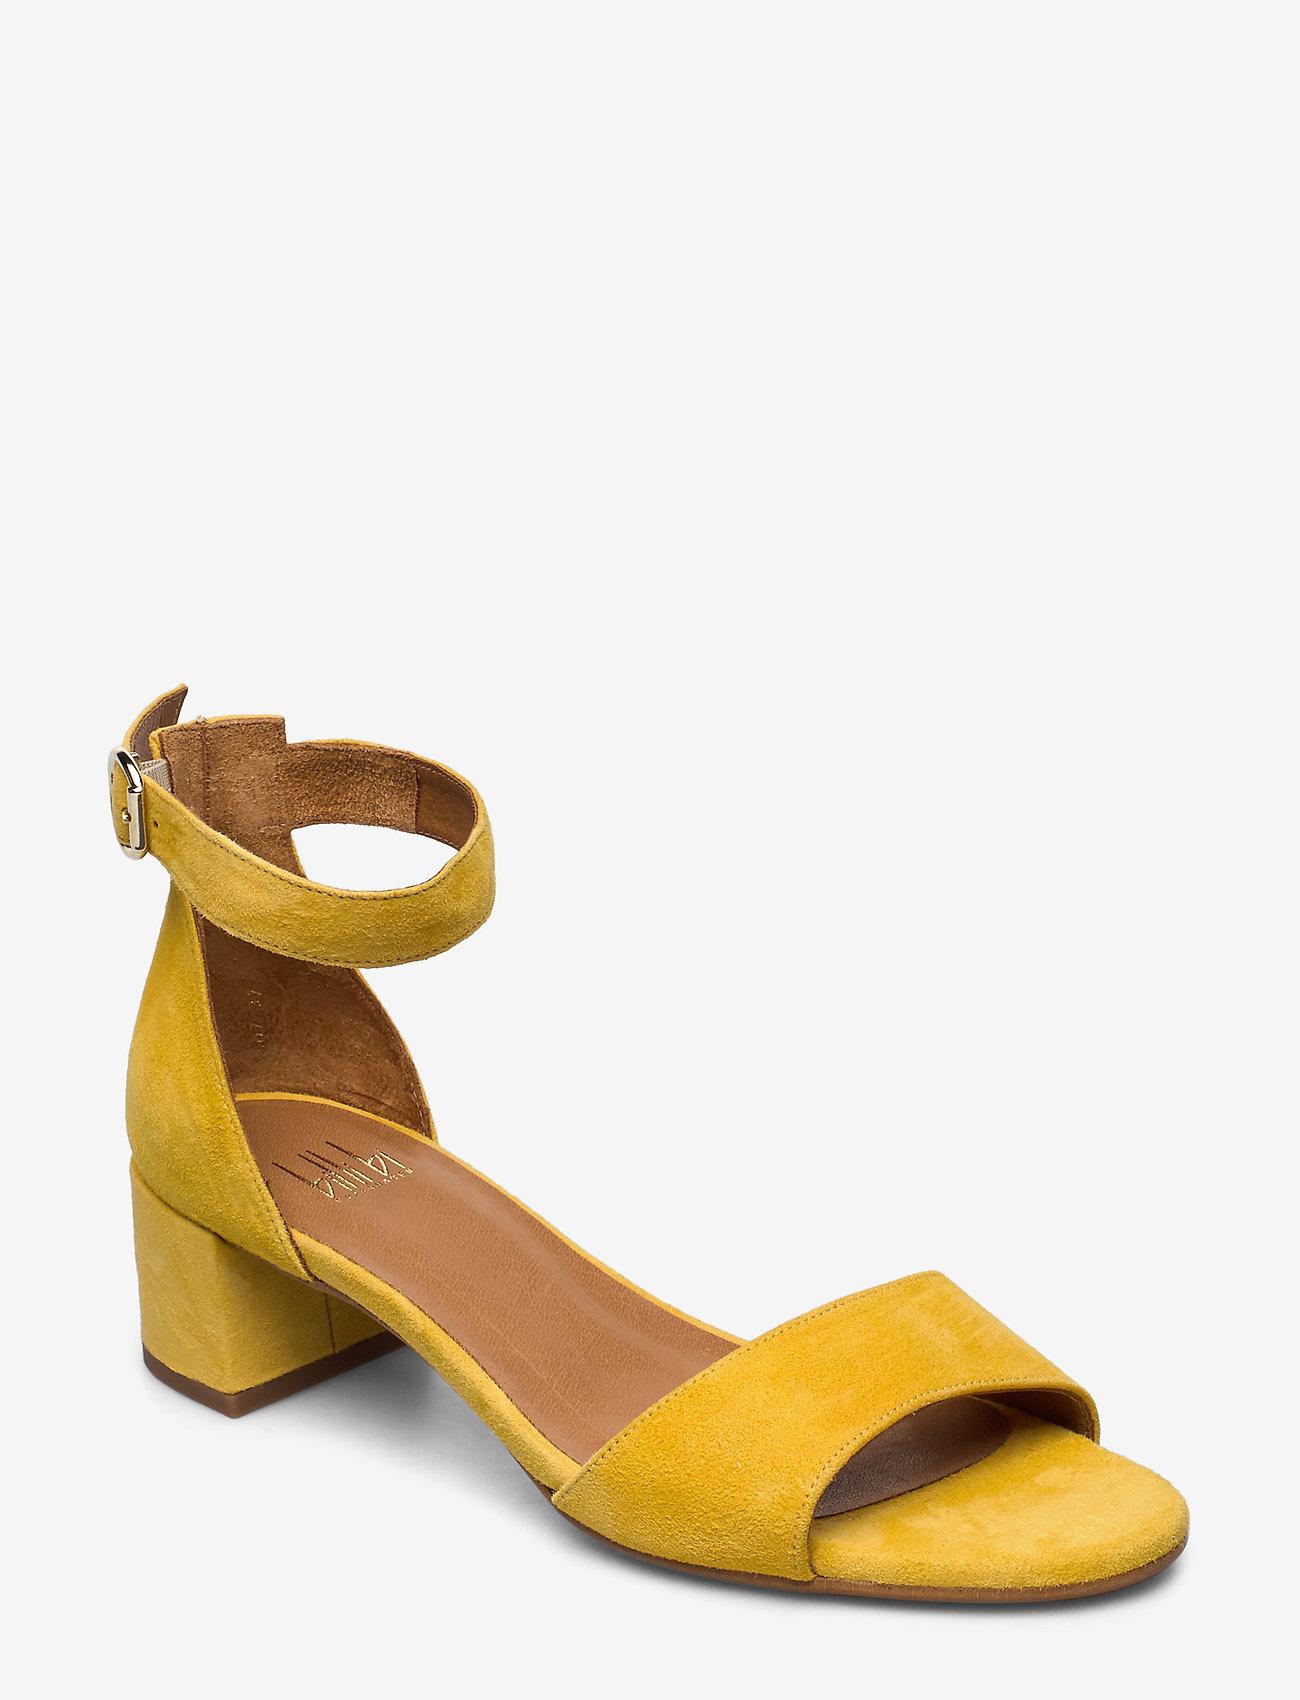 Sandals 4607